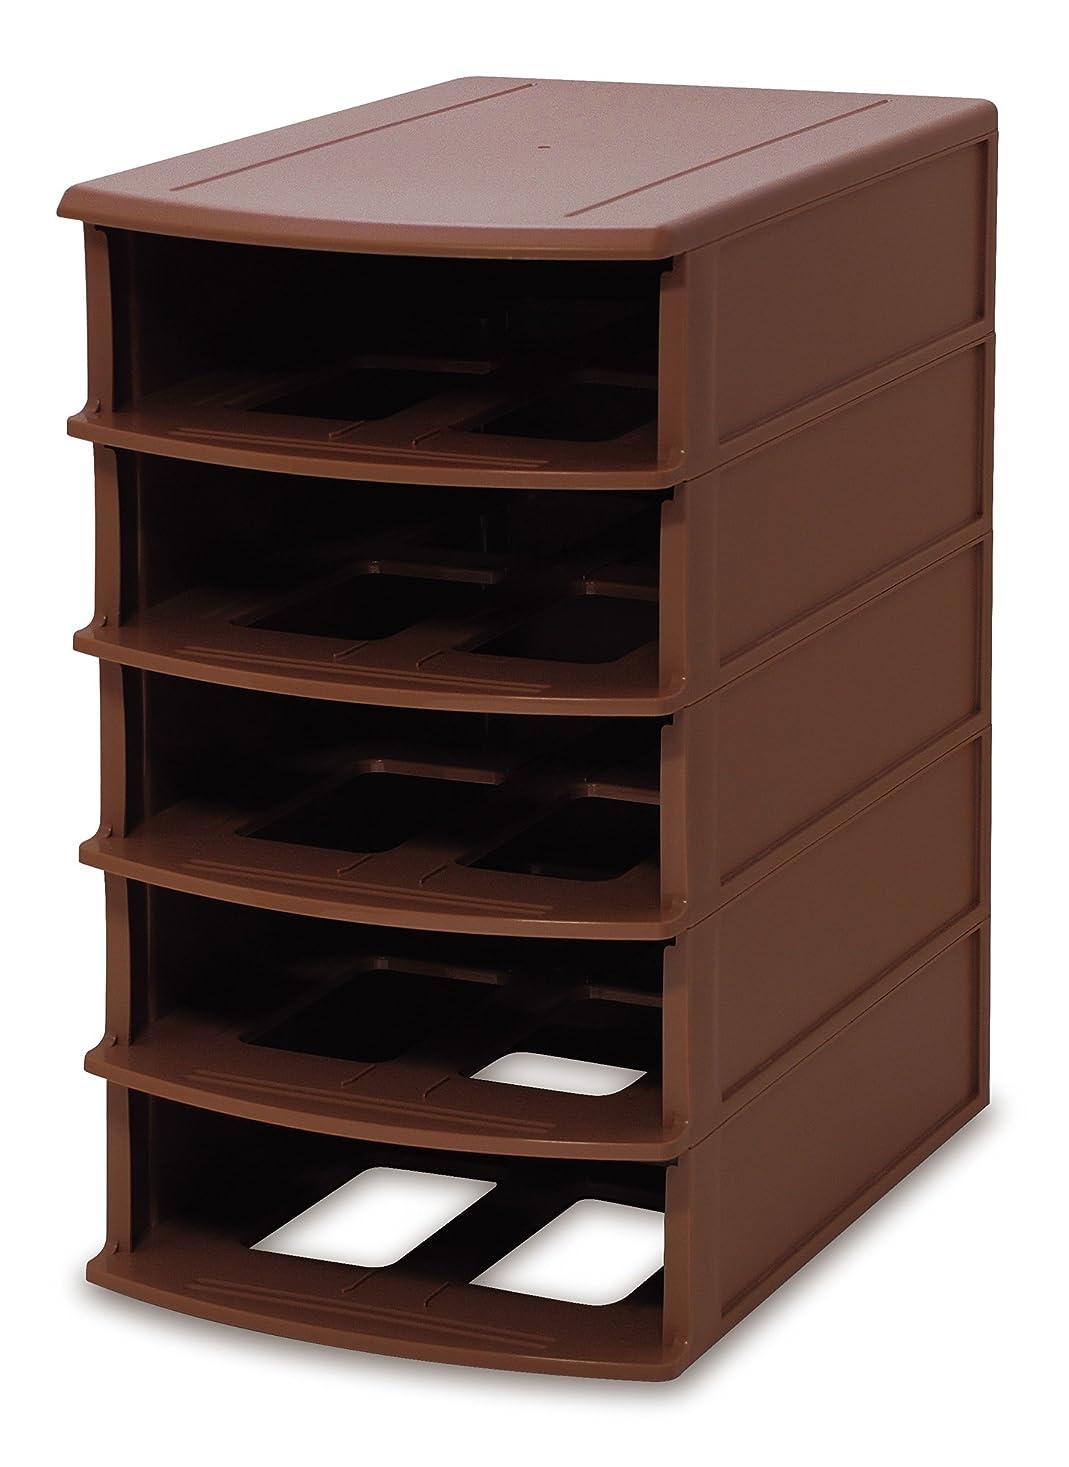 扱いやすいつまずく見るISETO (伊勢藤) 収納ボックス ブラウン 幅26.1×奥行37.7×高さ45.2cm I-417